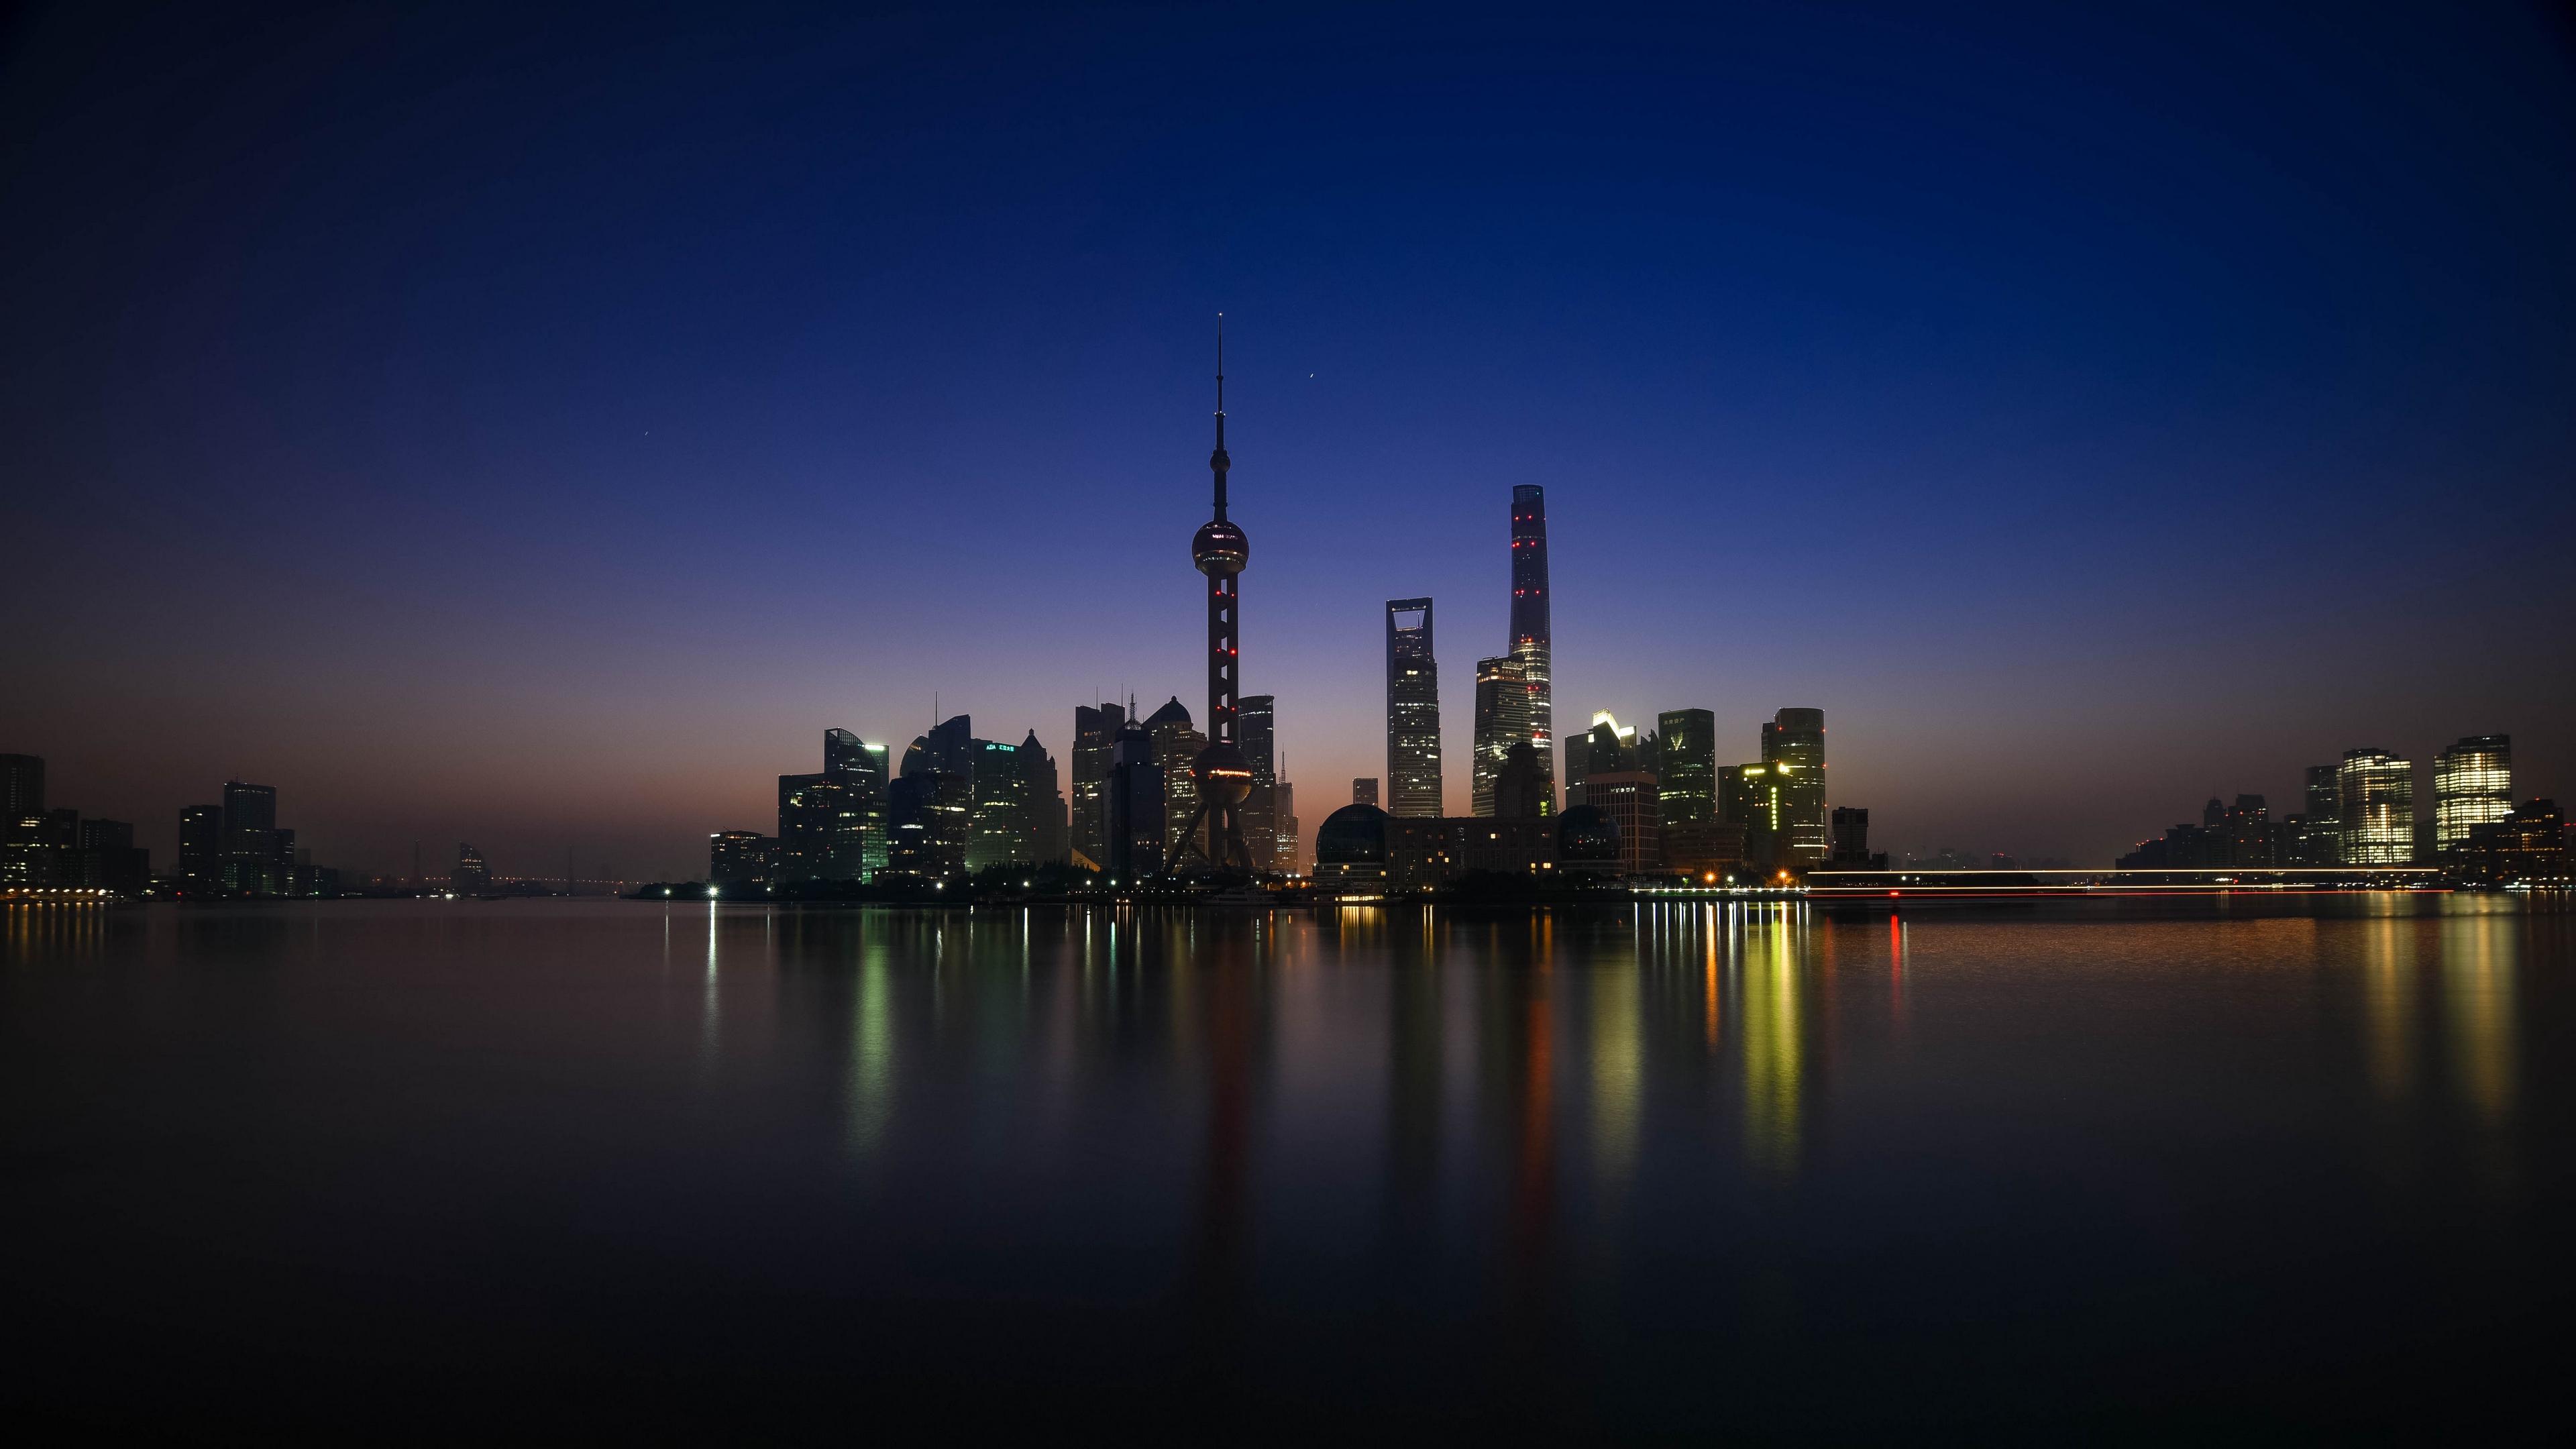 shanghai huangpu river shore 4k 1538066838 - shanghai, huangpu, river, shore 4k - Shanghai, River, Huangpu